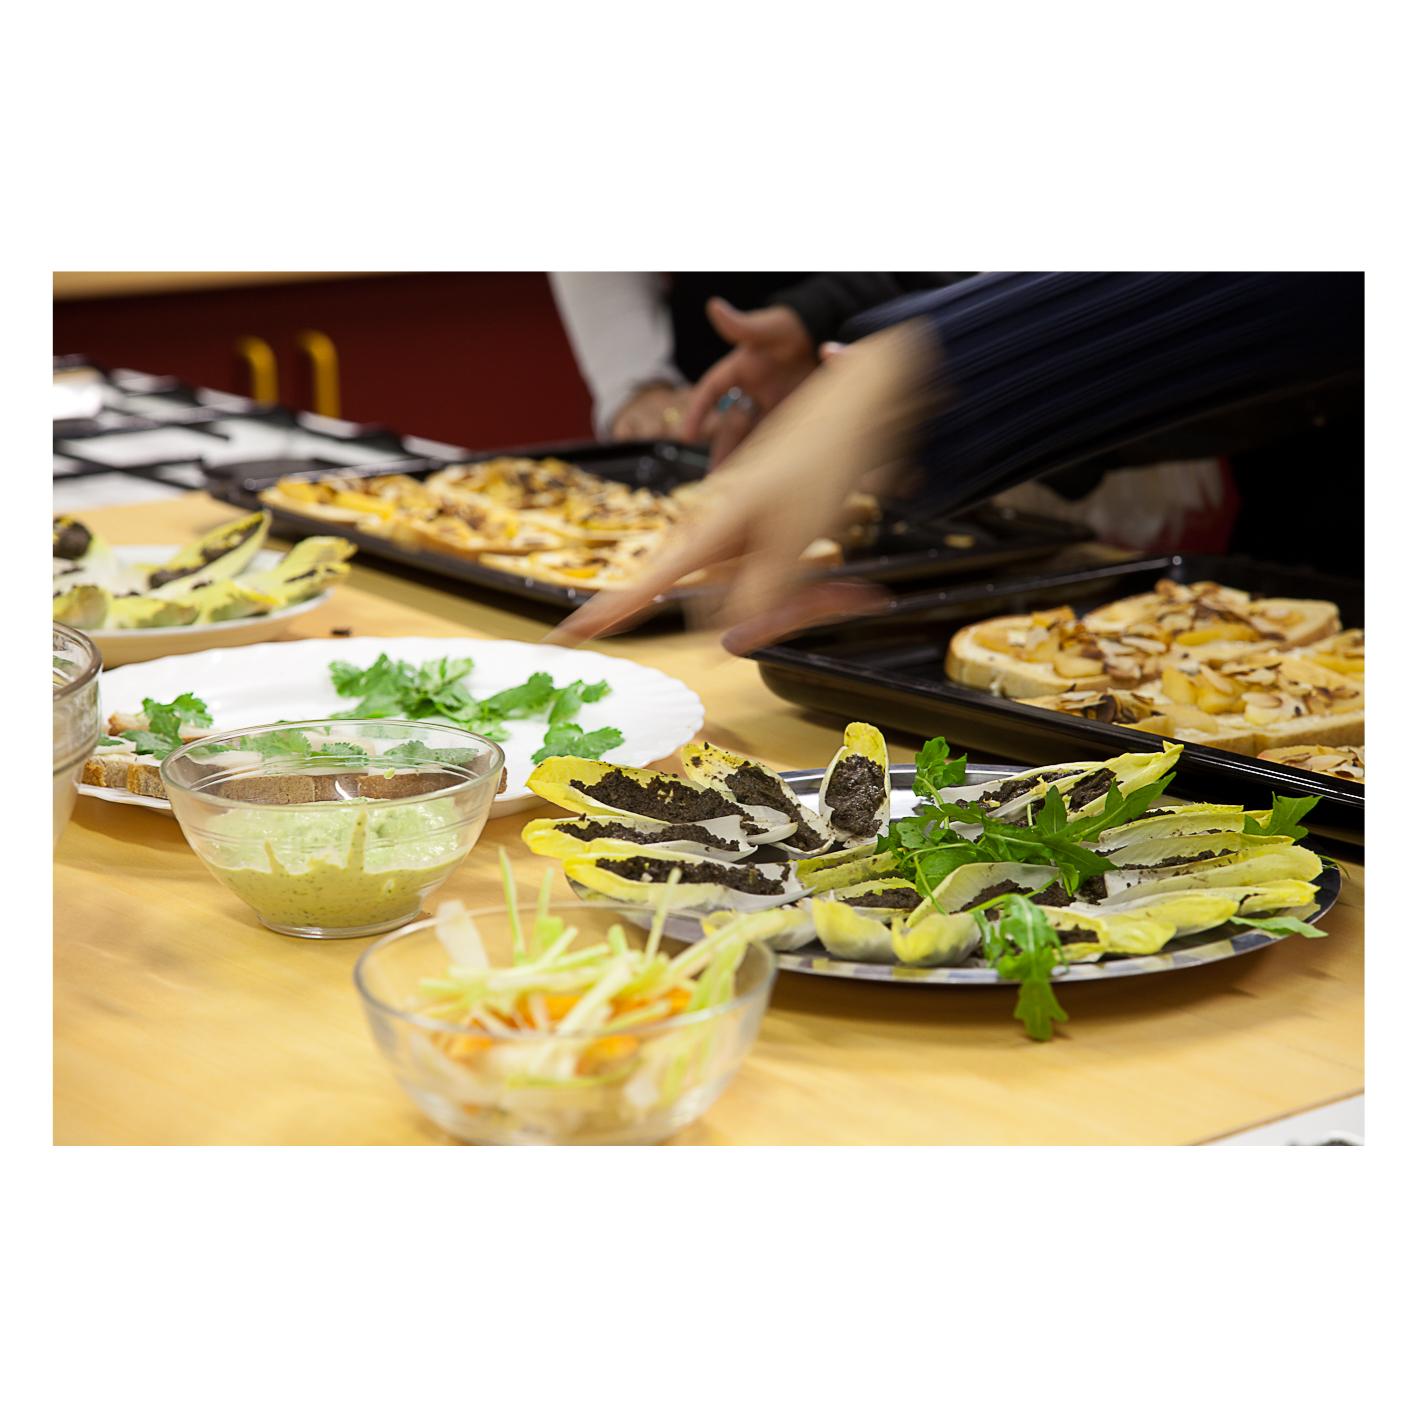 Manifeste optimiste la cuisine p dagogique - Cuisine pedagogique ...